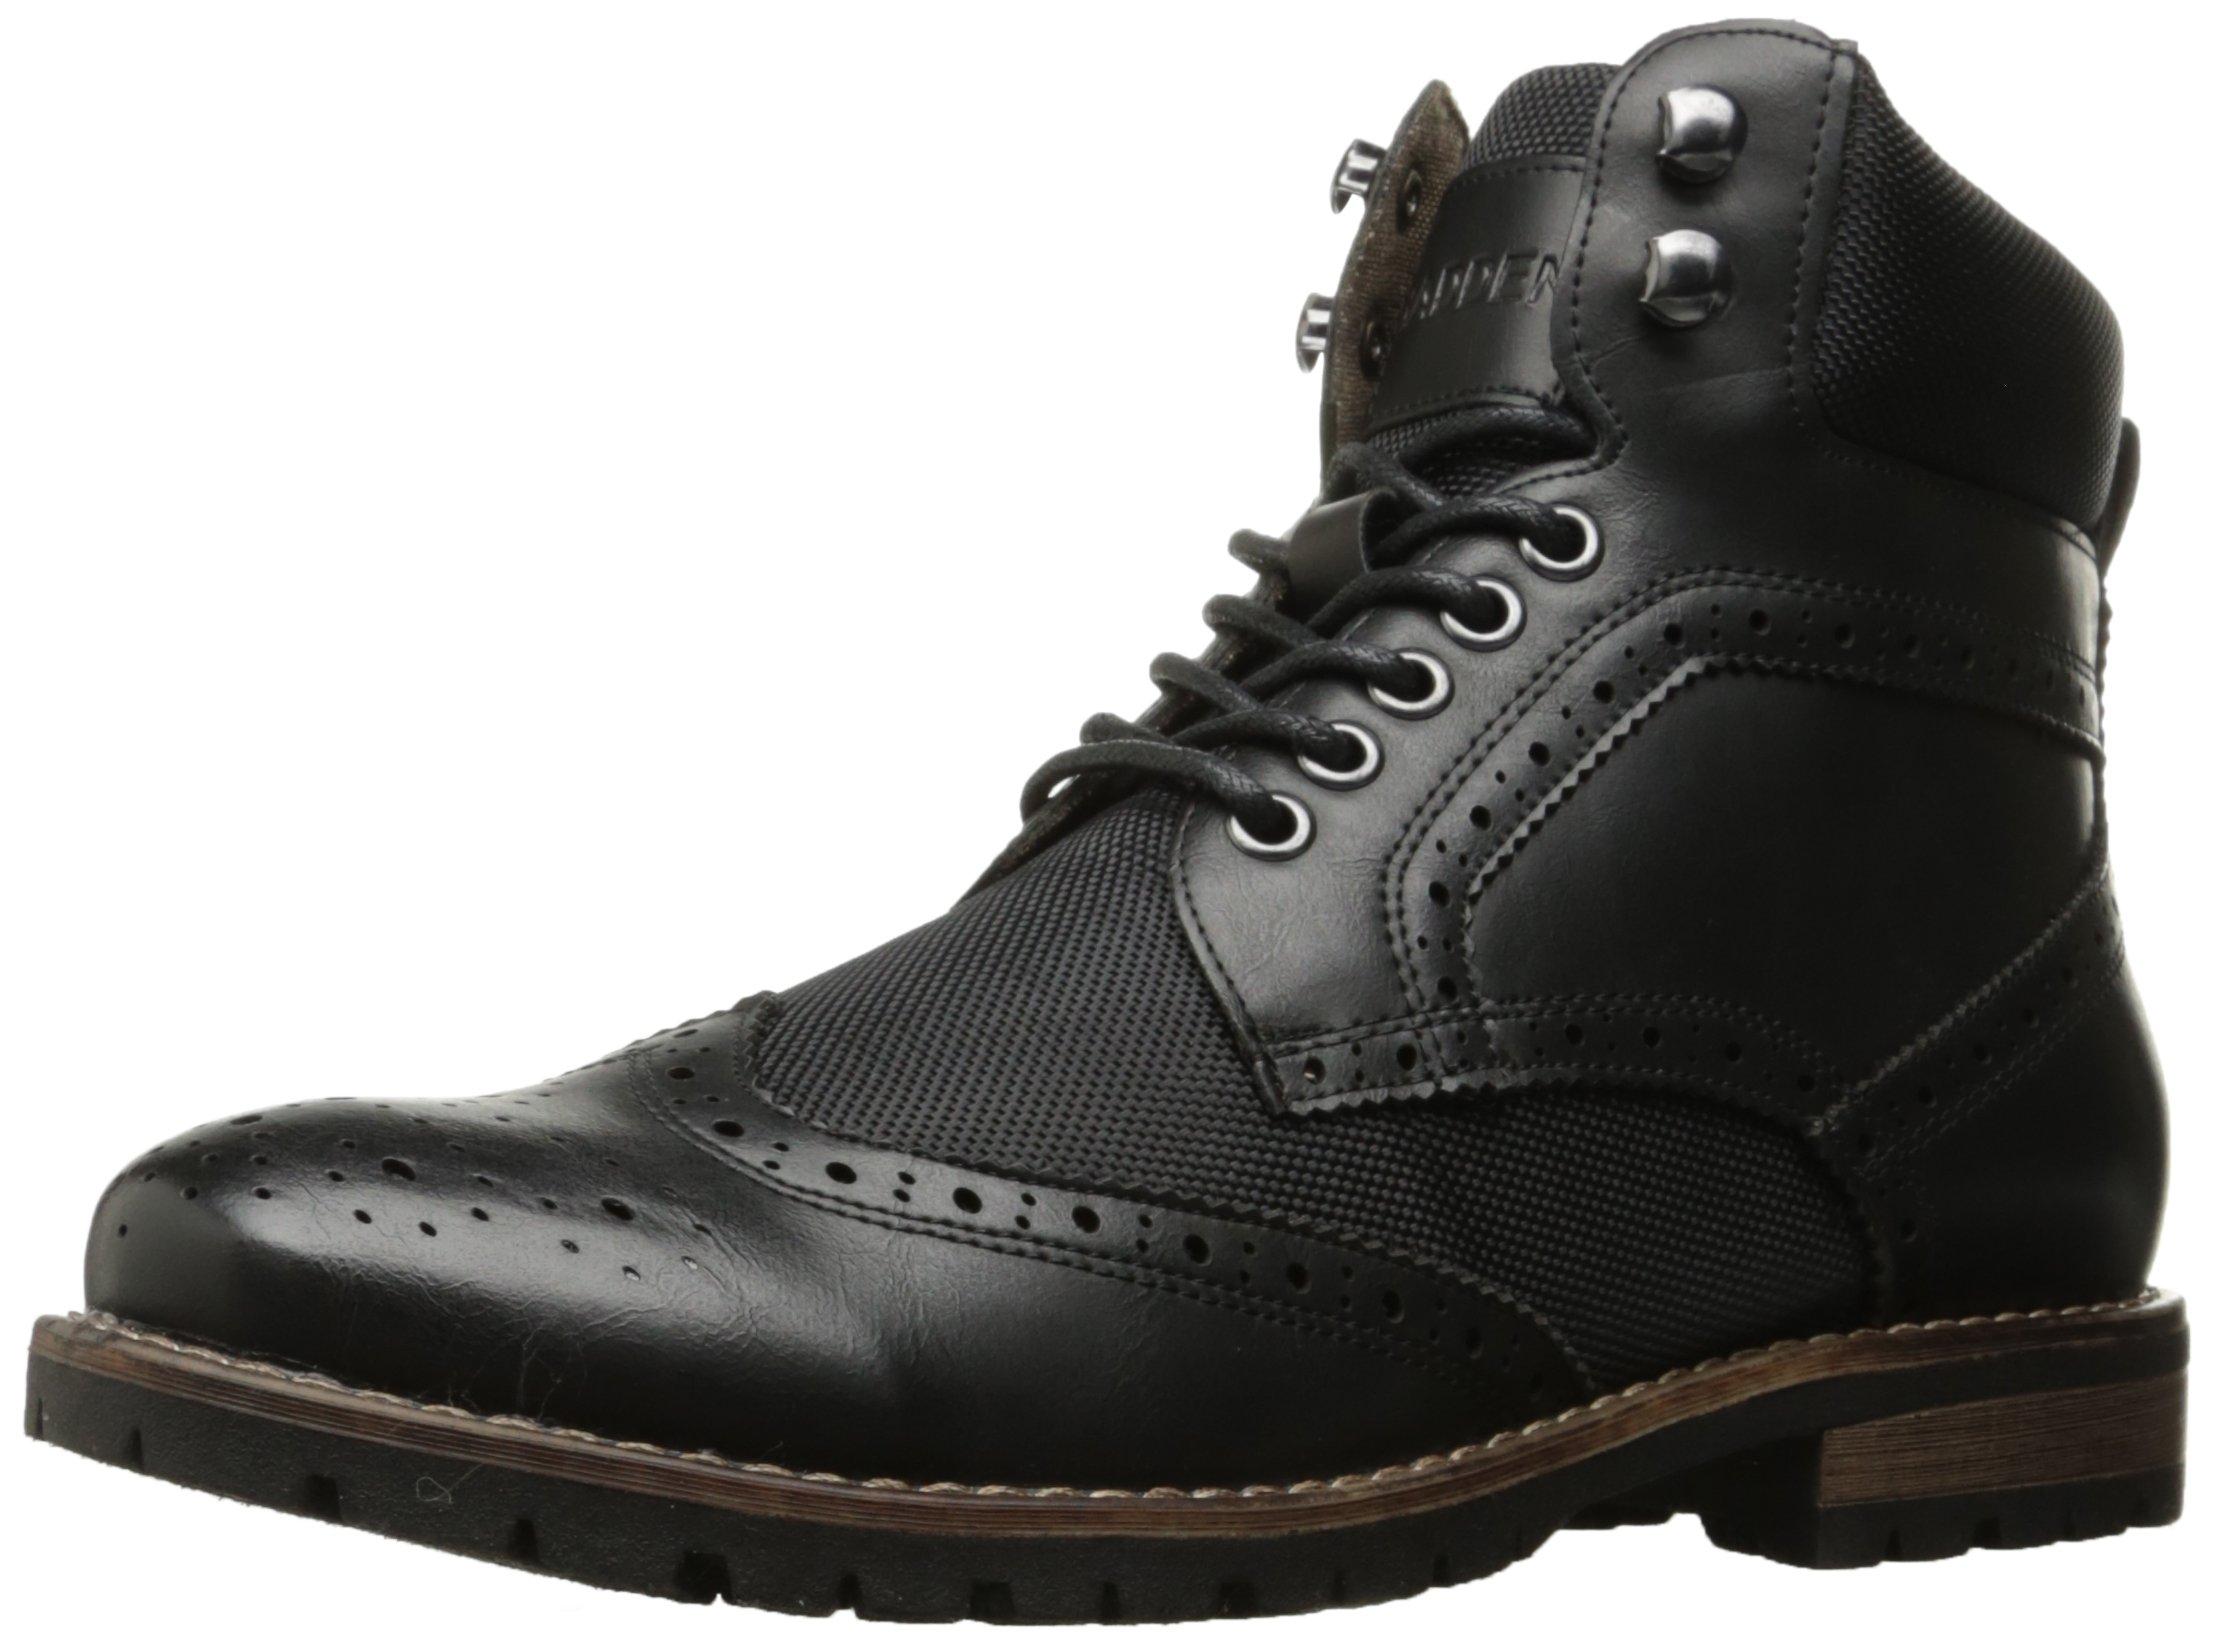 Madden Men's M-Sorri Combat Boot, Black, 10.5 M US